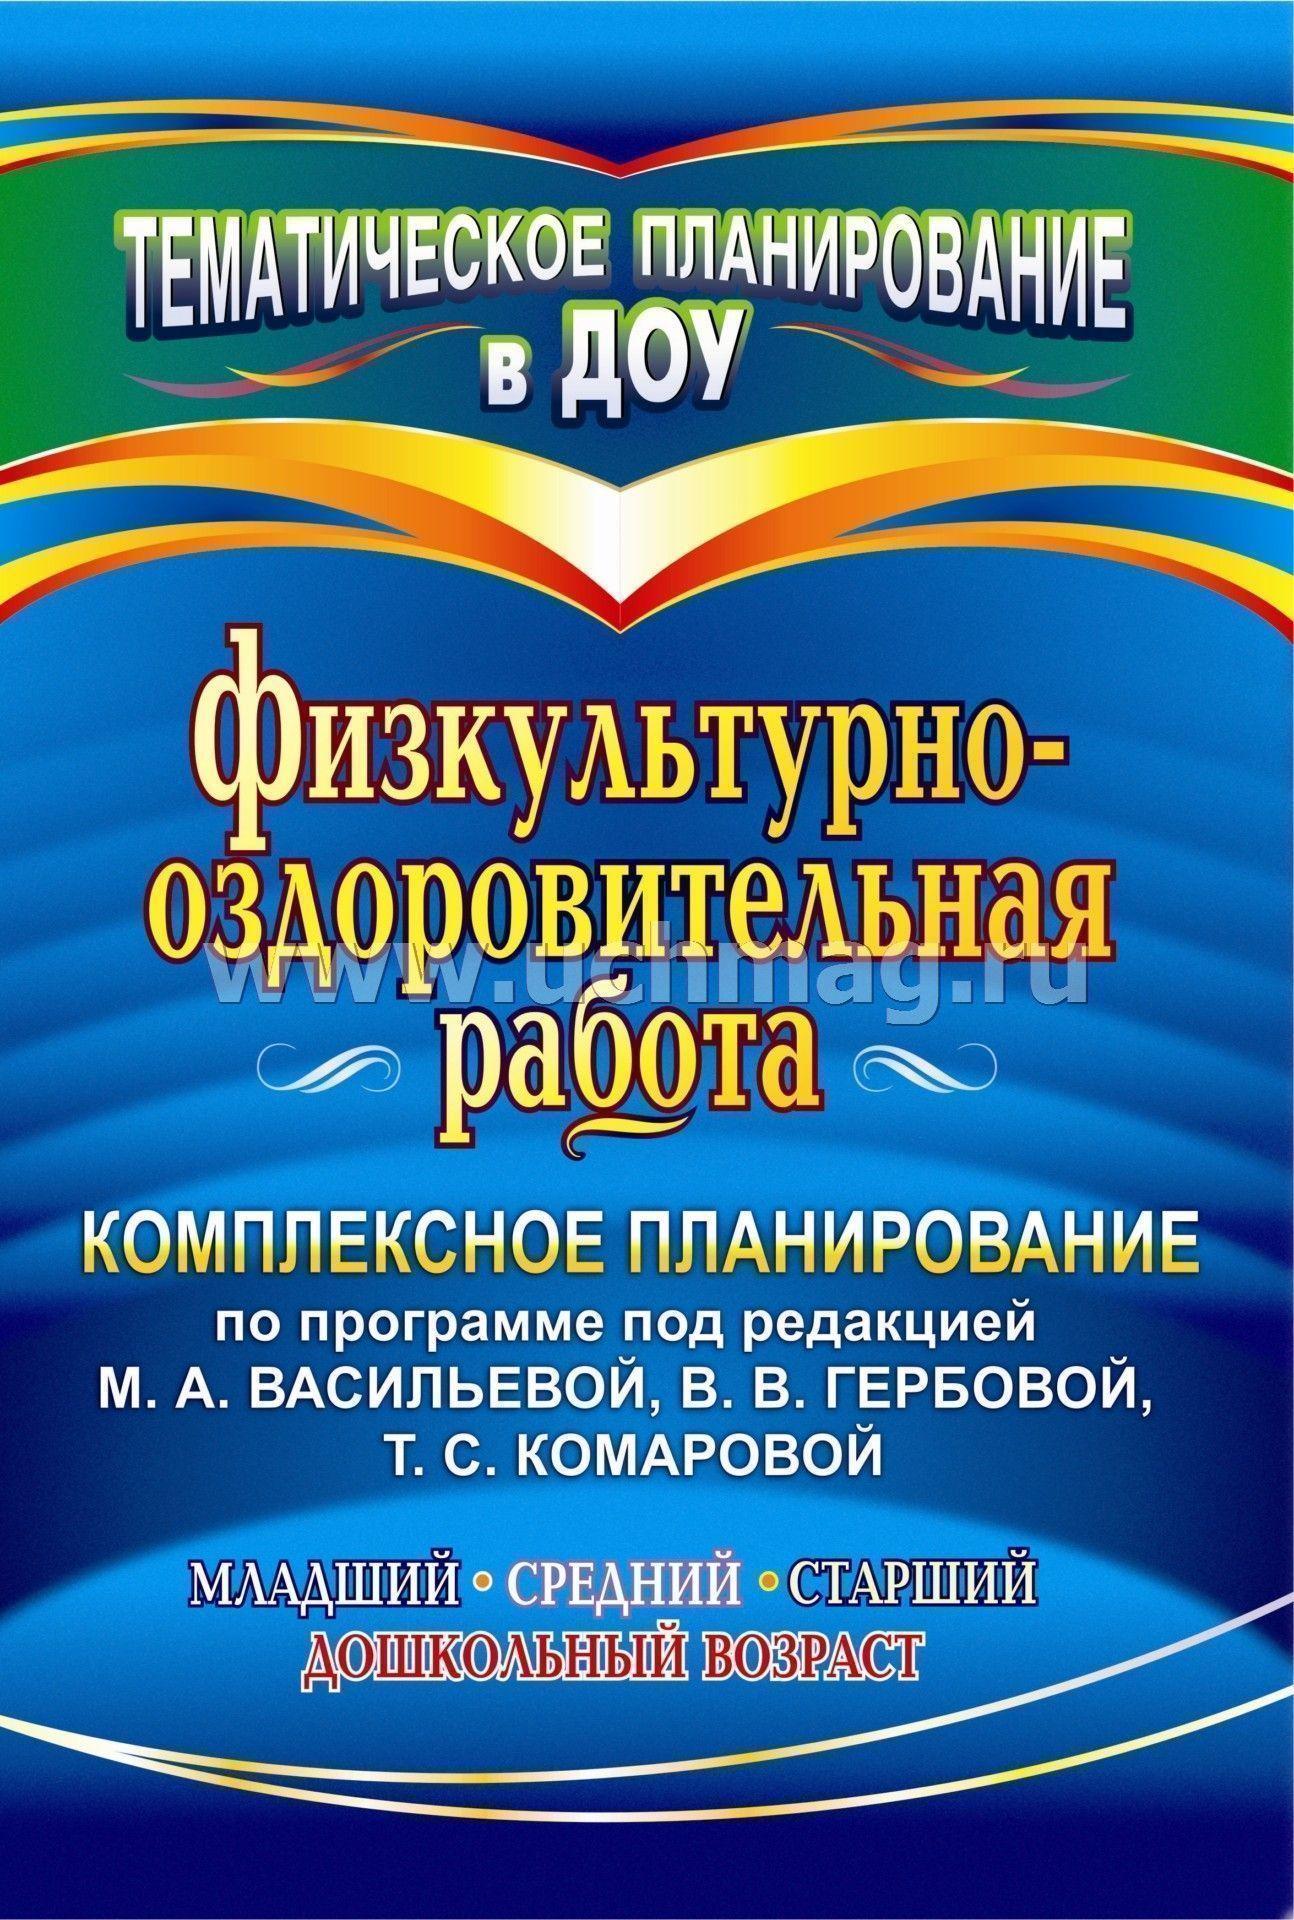 Программа для дошкольных учреждений васильевой